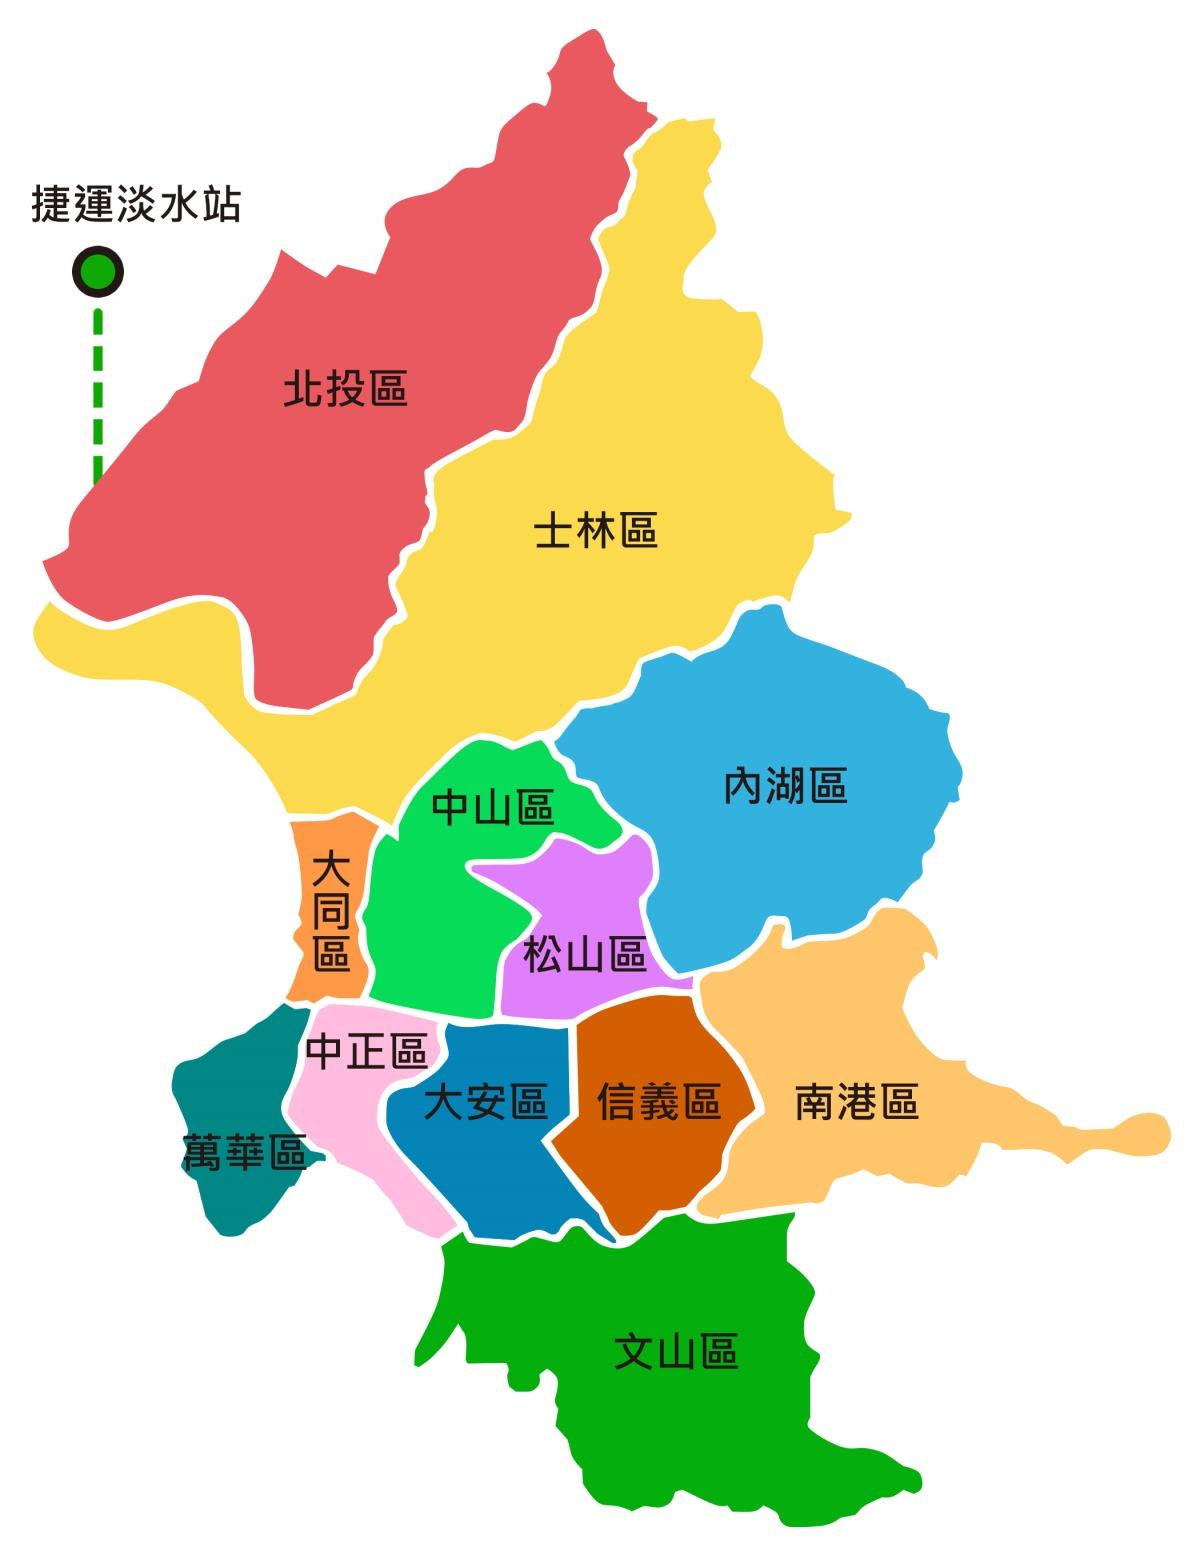 臺北市區域MAP圖